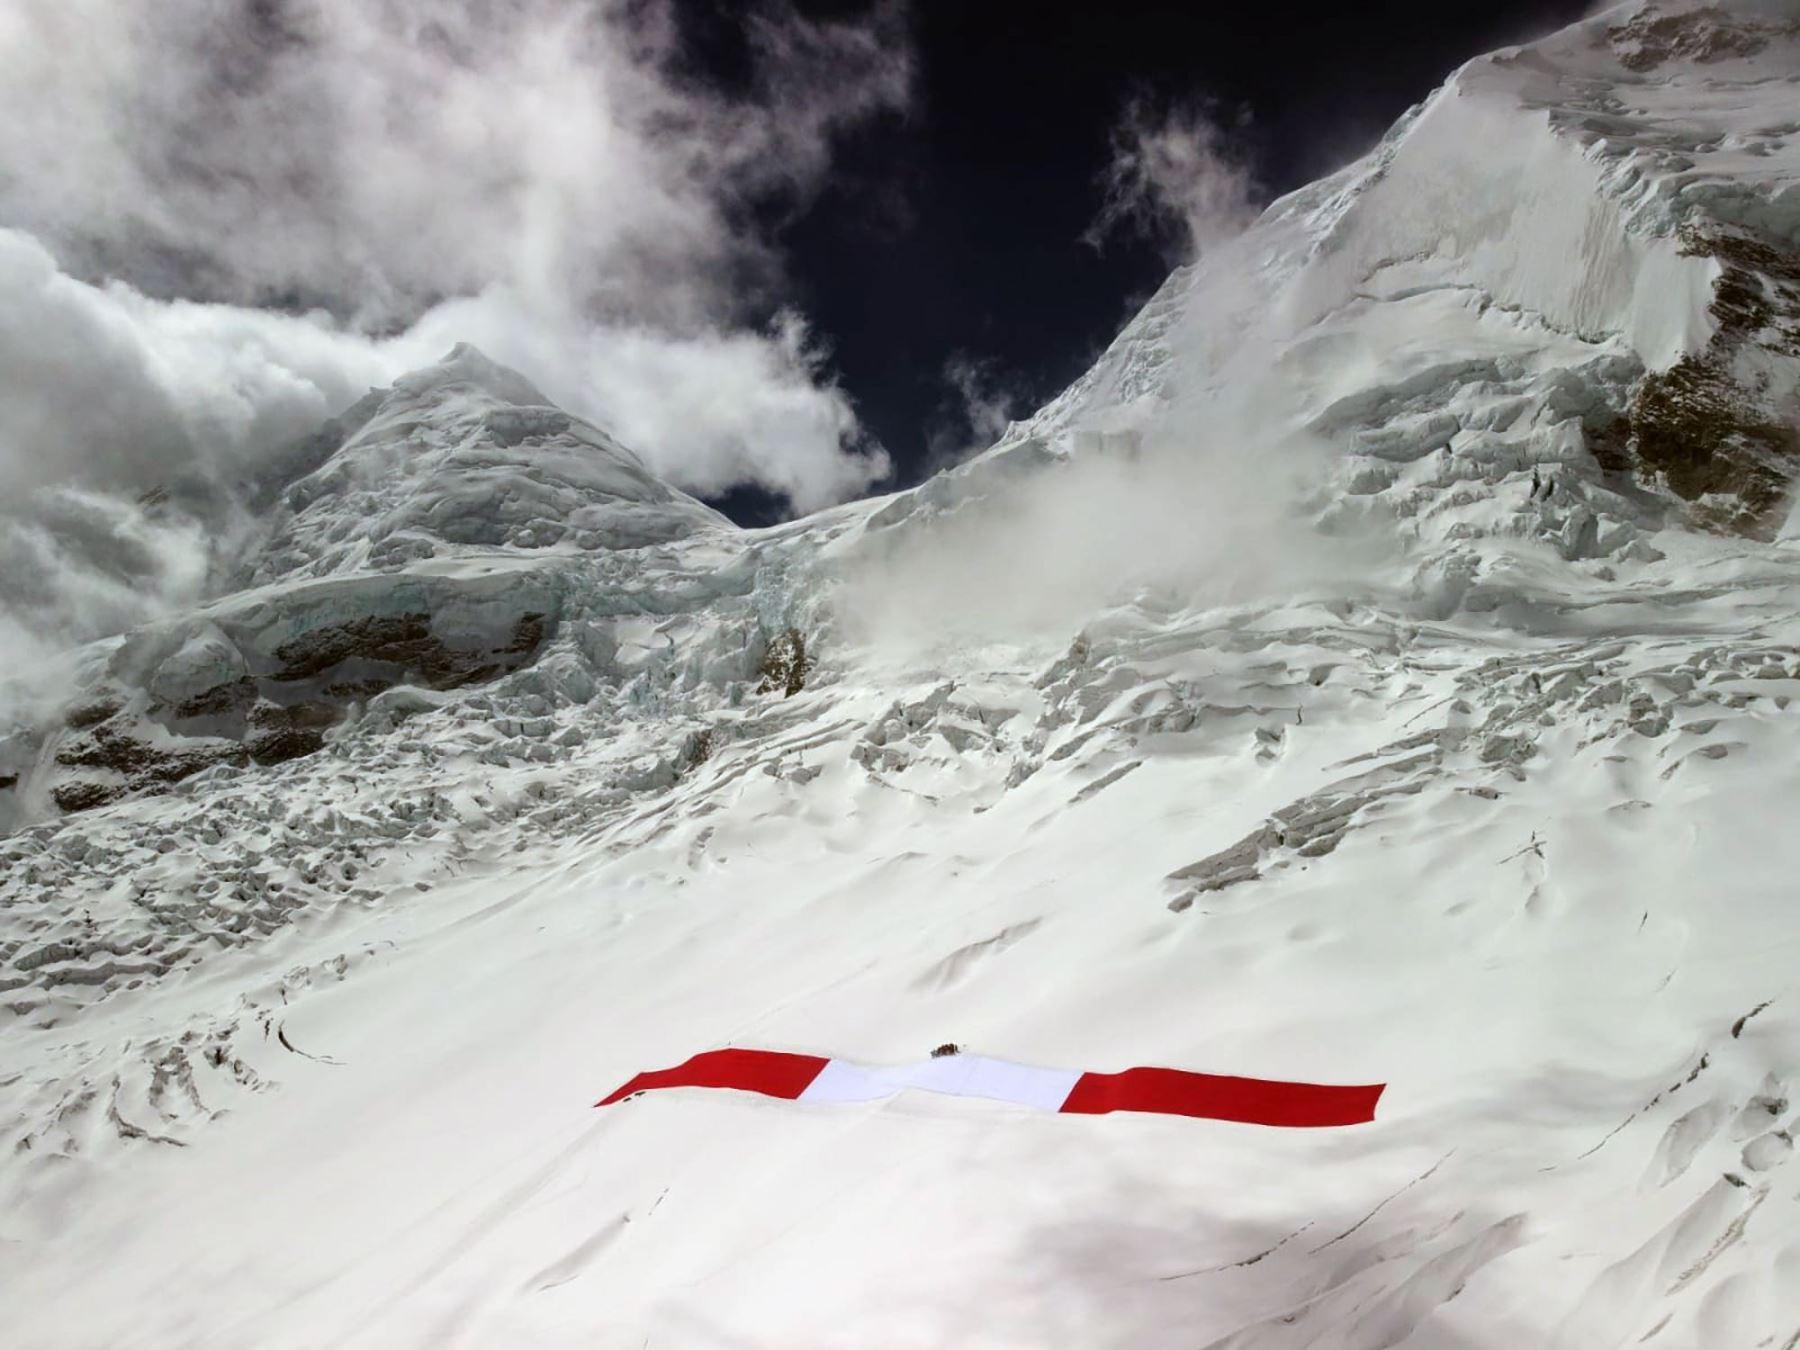 Bicentenario: Áncash celebra presencia de gigantesca bandera en nevado Huascarán